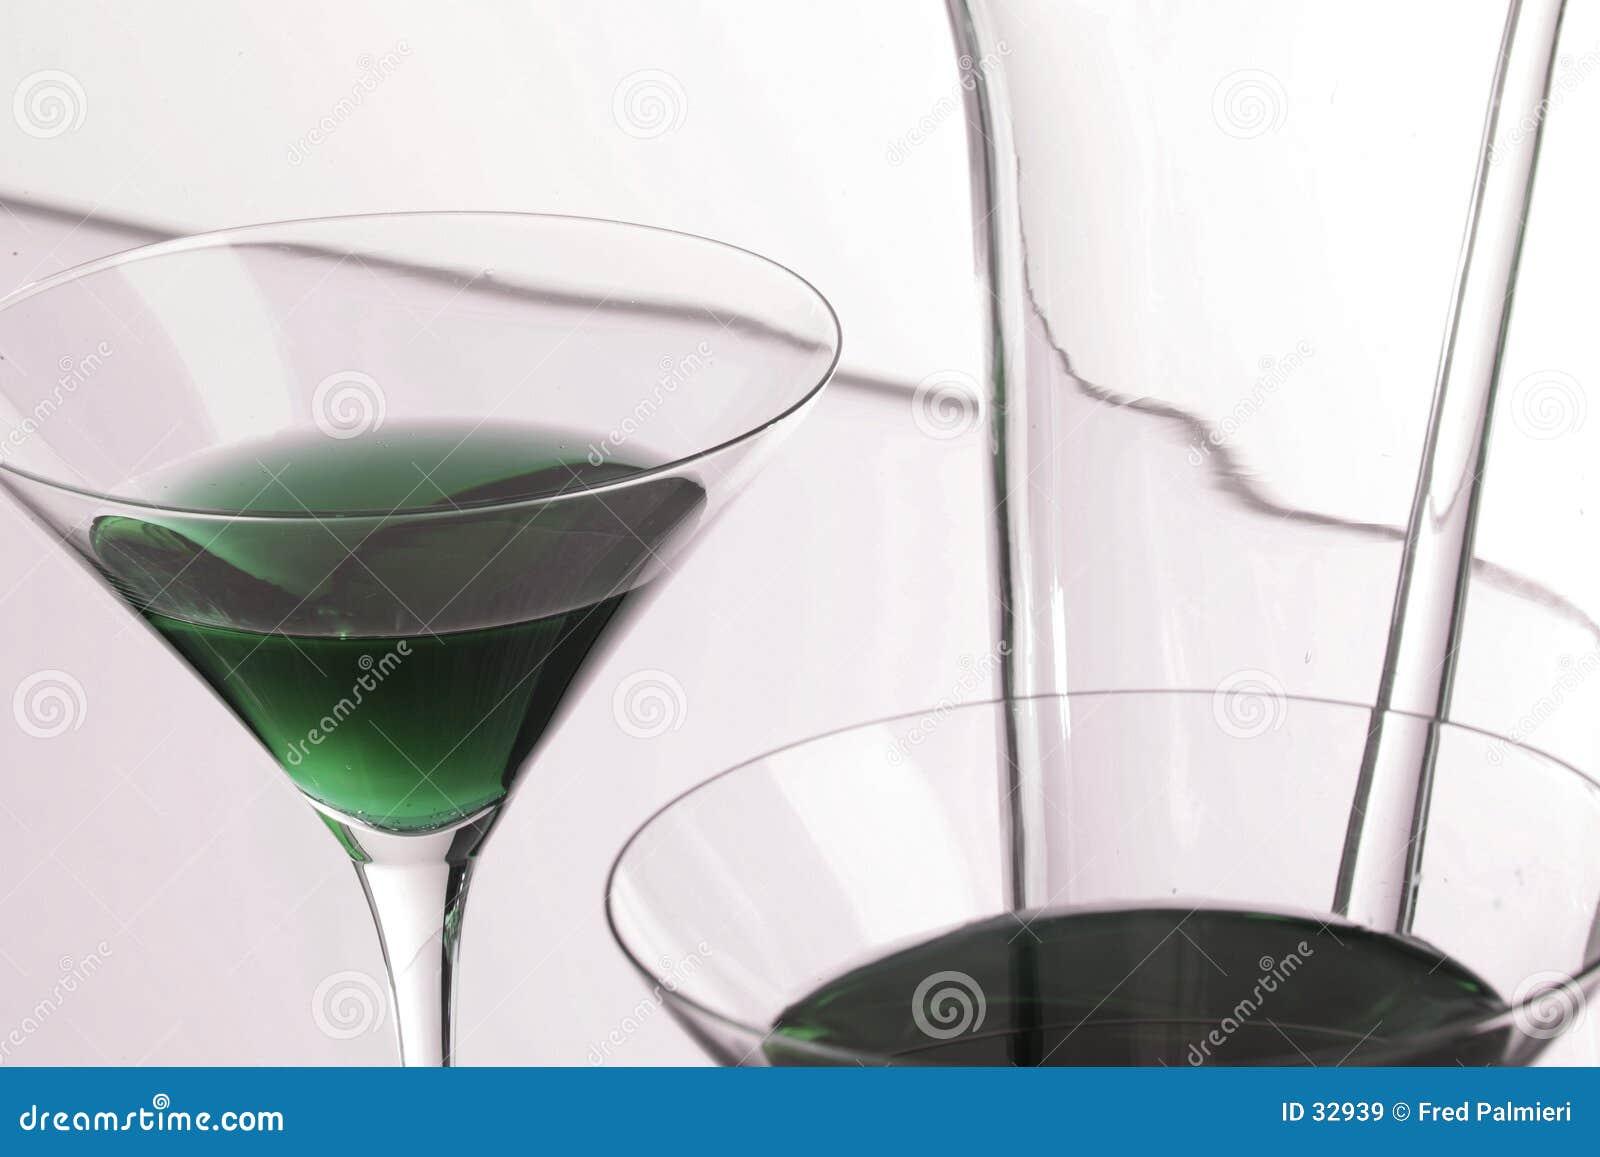 妒嫉绿色马蒂尼鸡尾酒